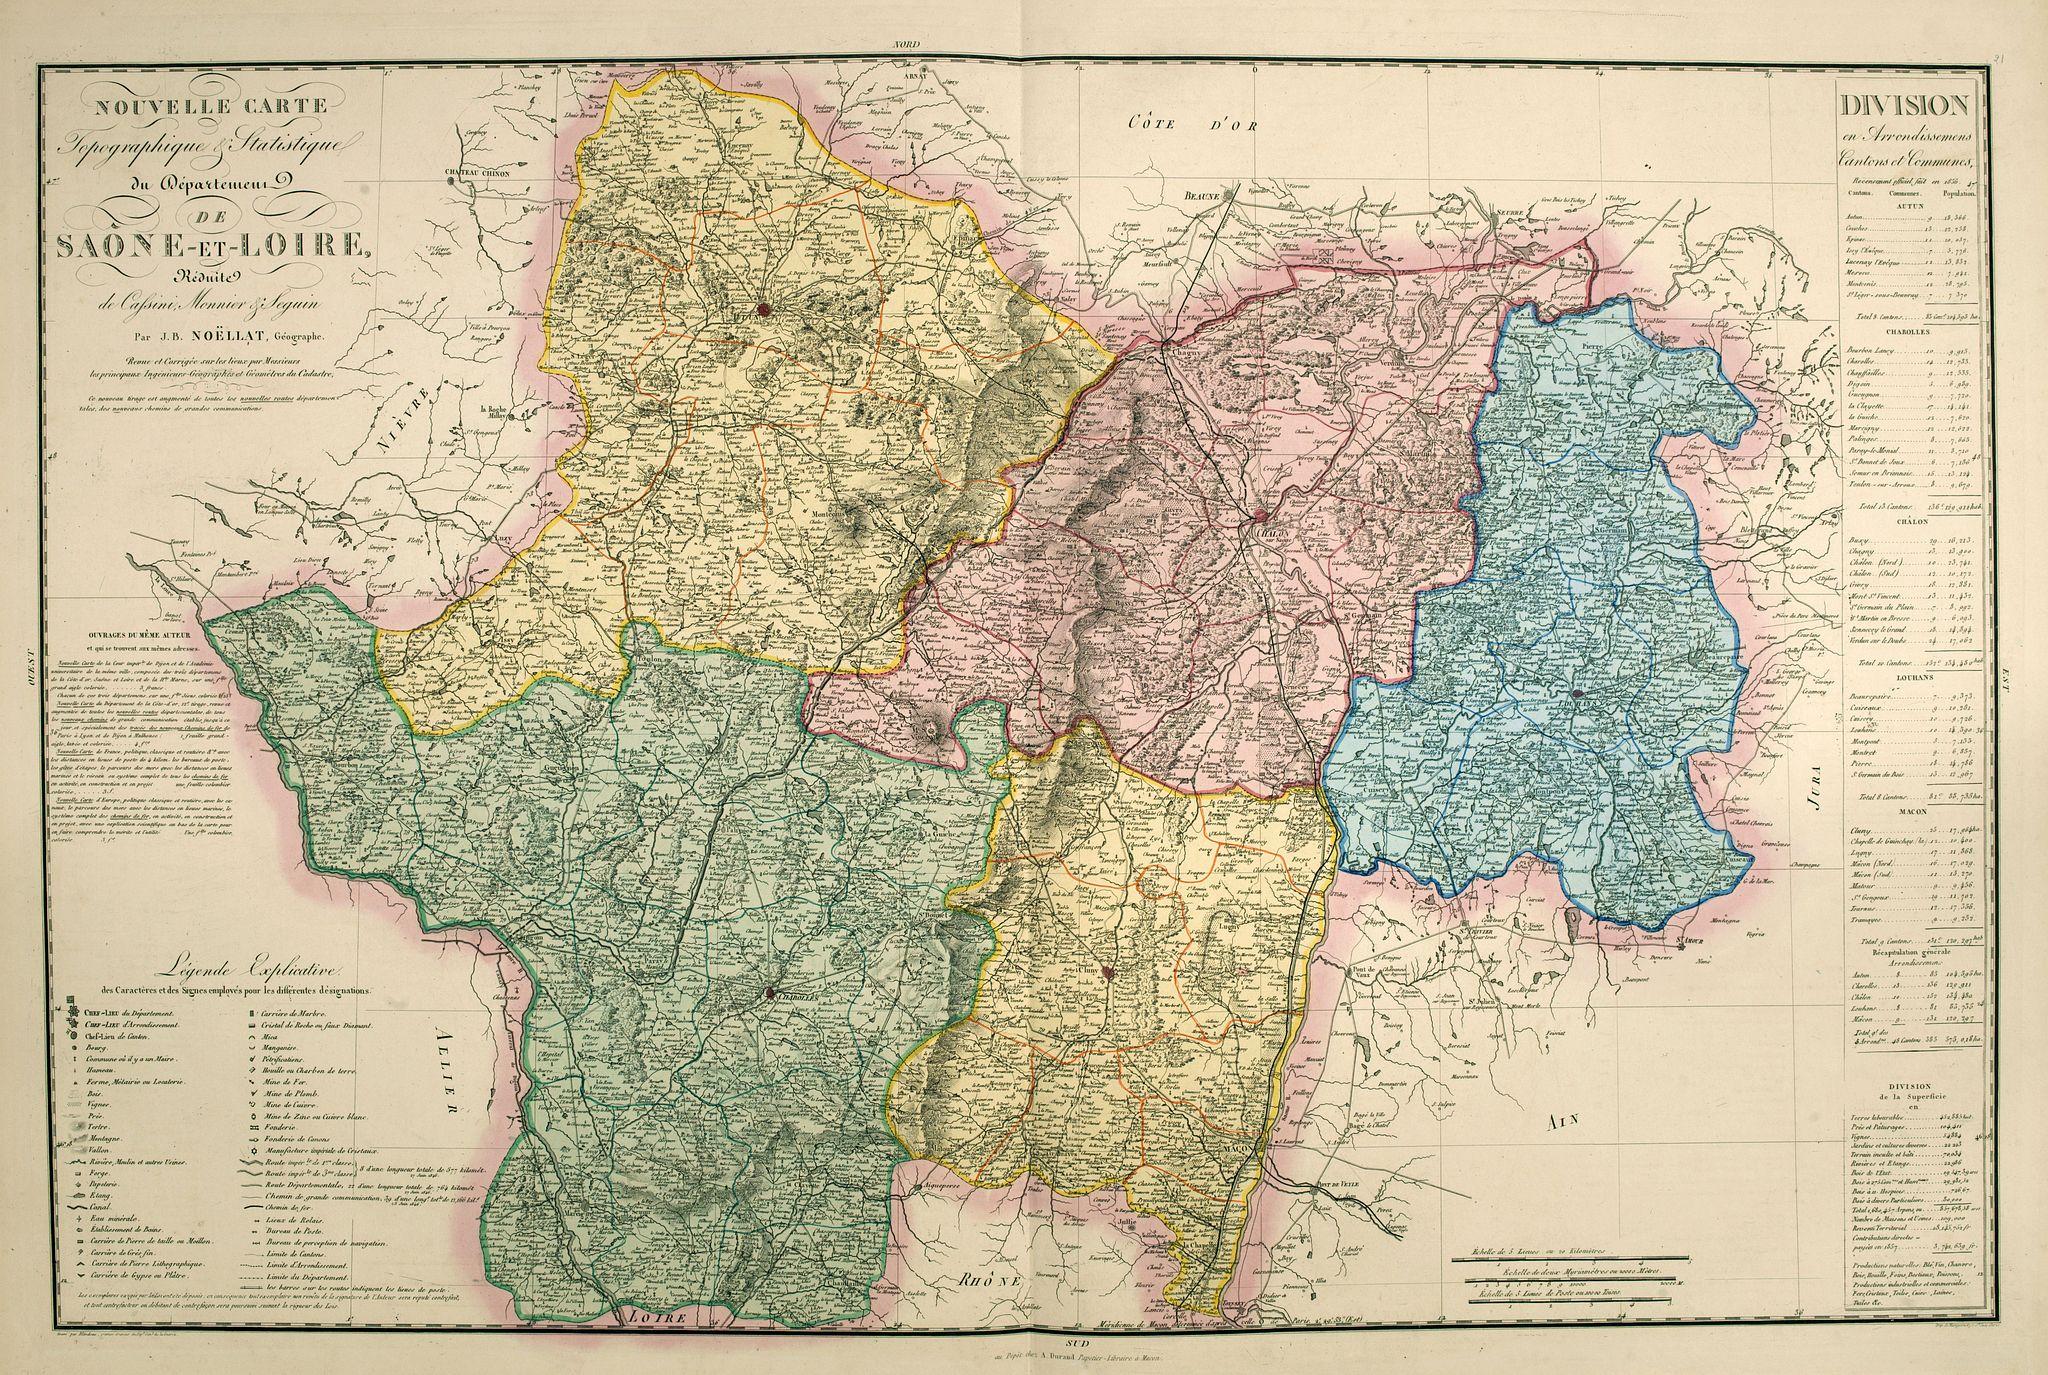 LOGEROT, A. -  Nouvelle carte topographique et statistique du département de Saône-et-Loire